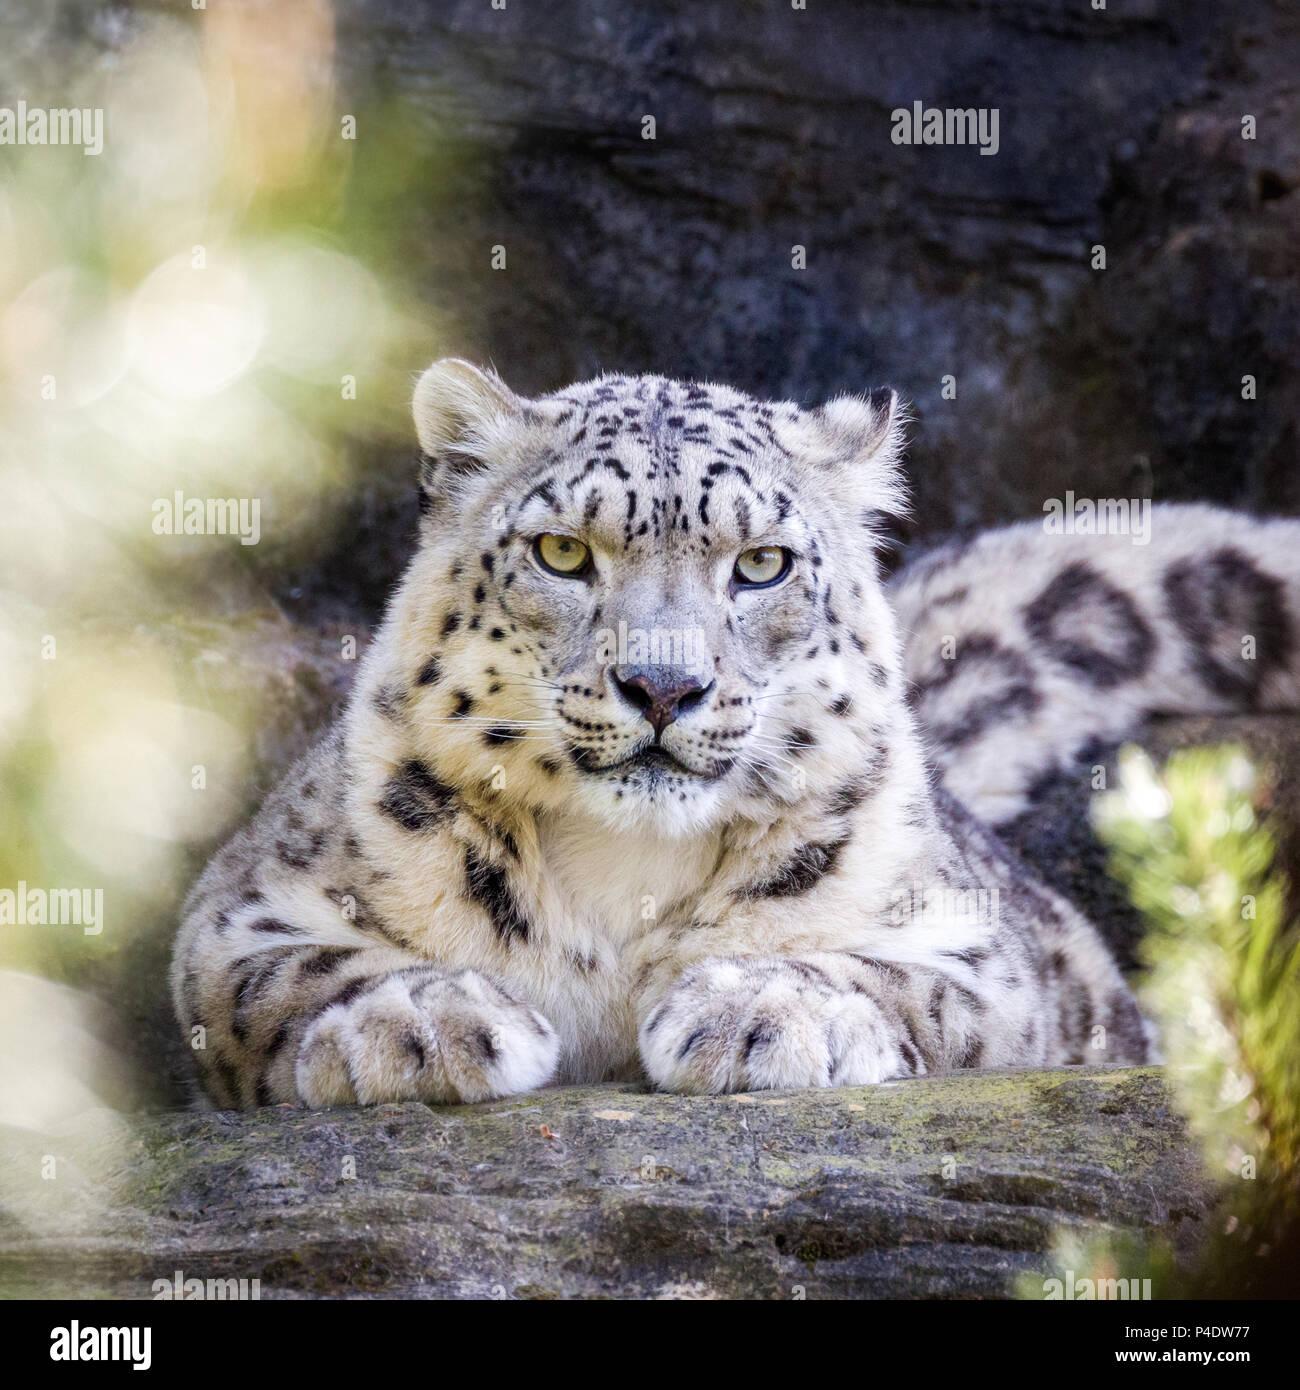 Aufmerksame snow leopard hält ein wachsames Auge durch das Laub. Stockbild